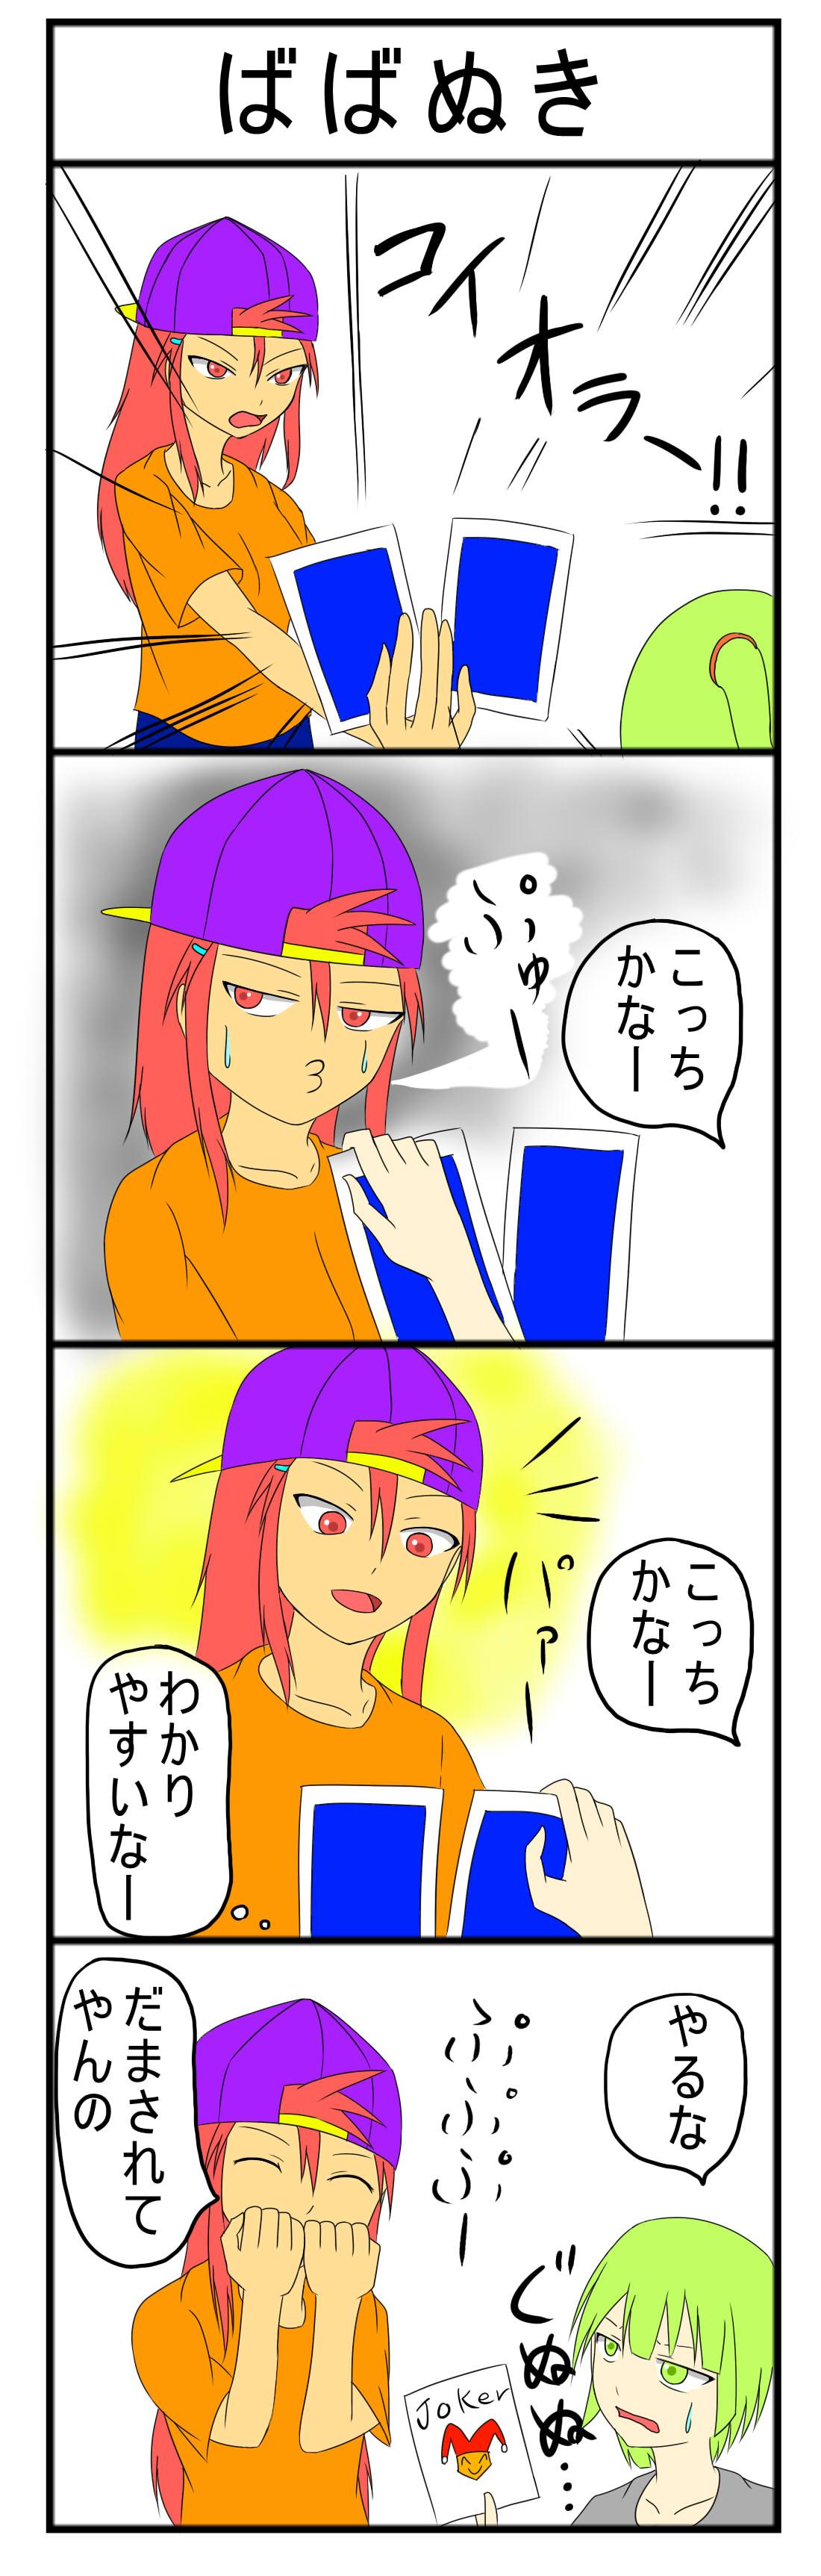 babanuki.jpg